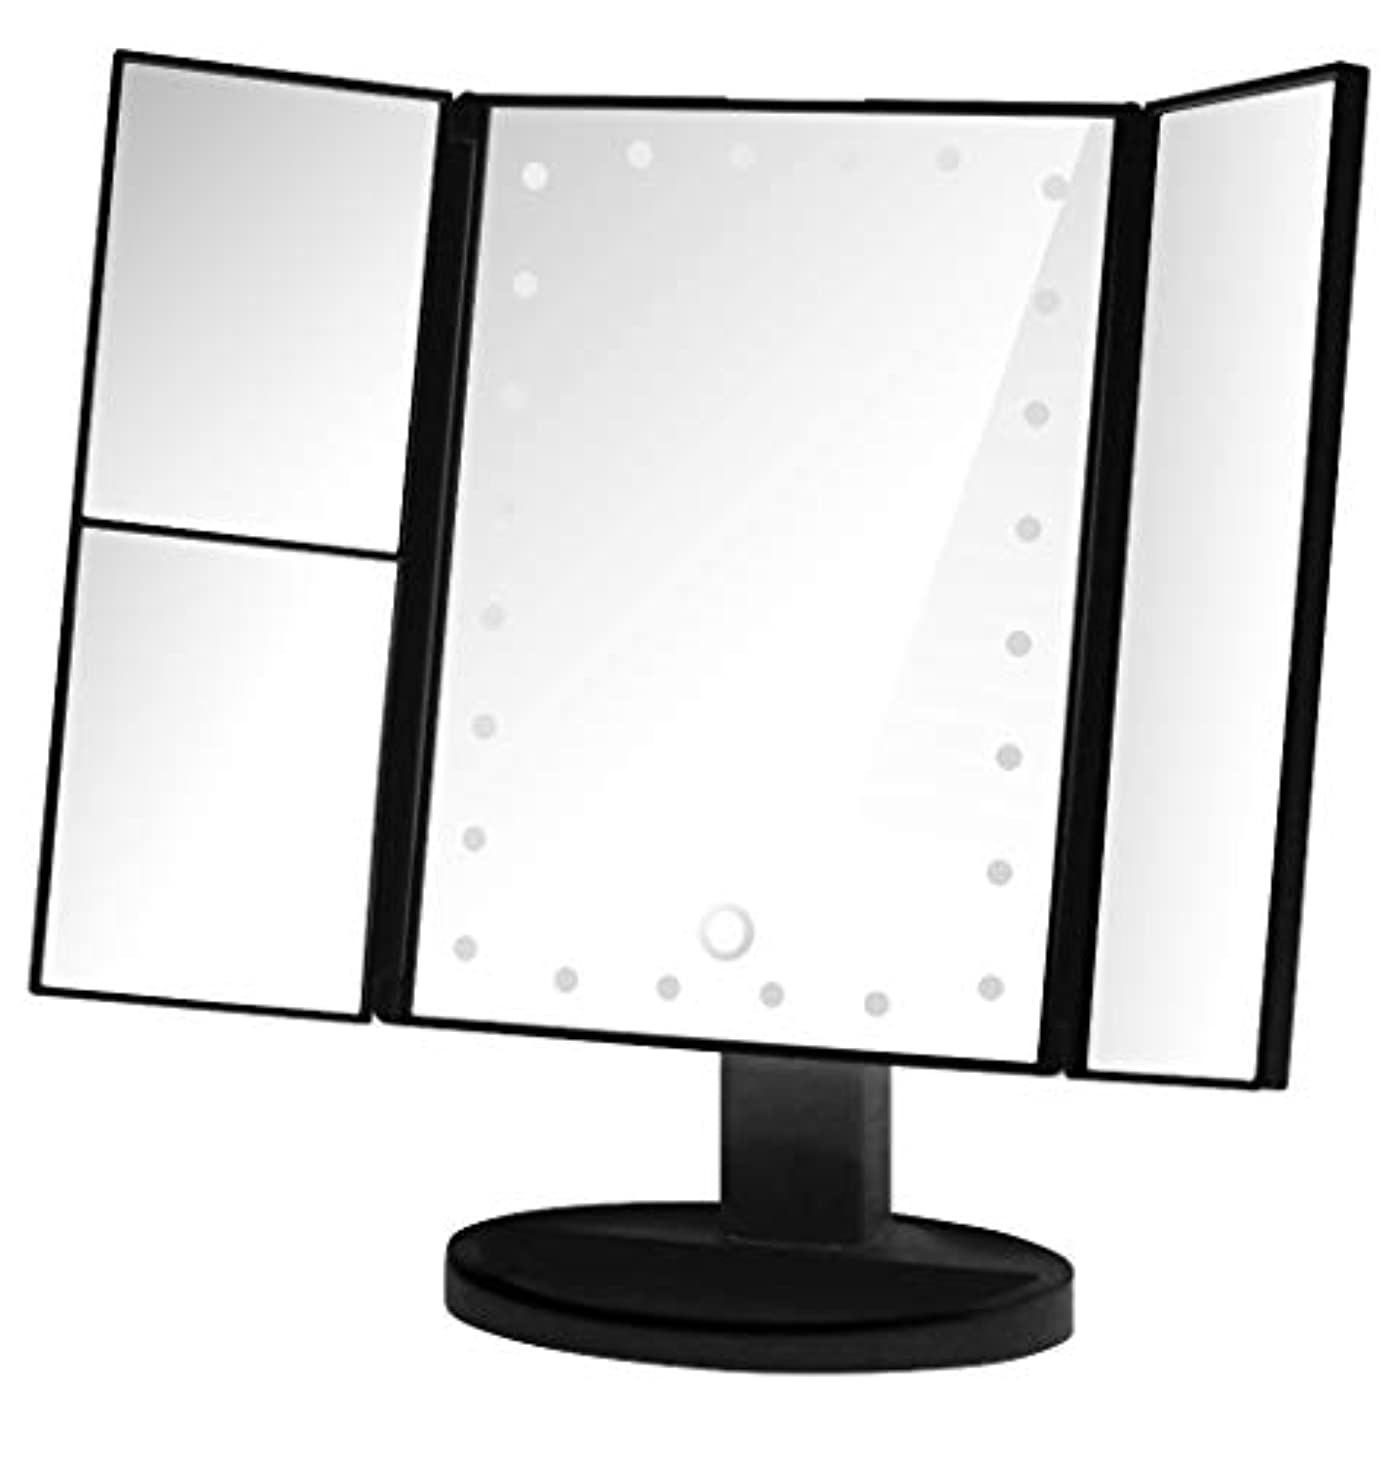 同性愛者枯渇する観察する化粧鏡 LED 三面鏡 卓上鏡 鏡 拡大鏡付き ライト付きメイクアップ用卓上ミラー (ブラック)